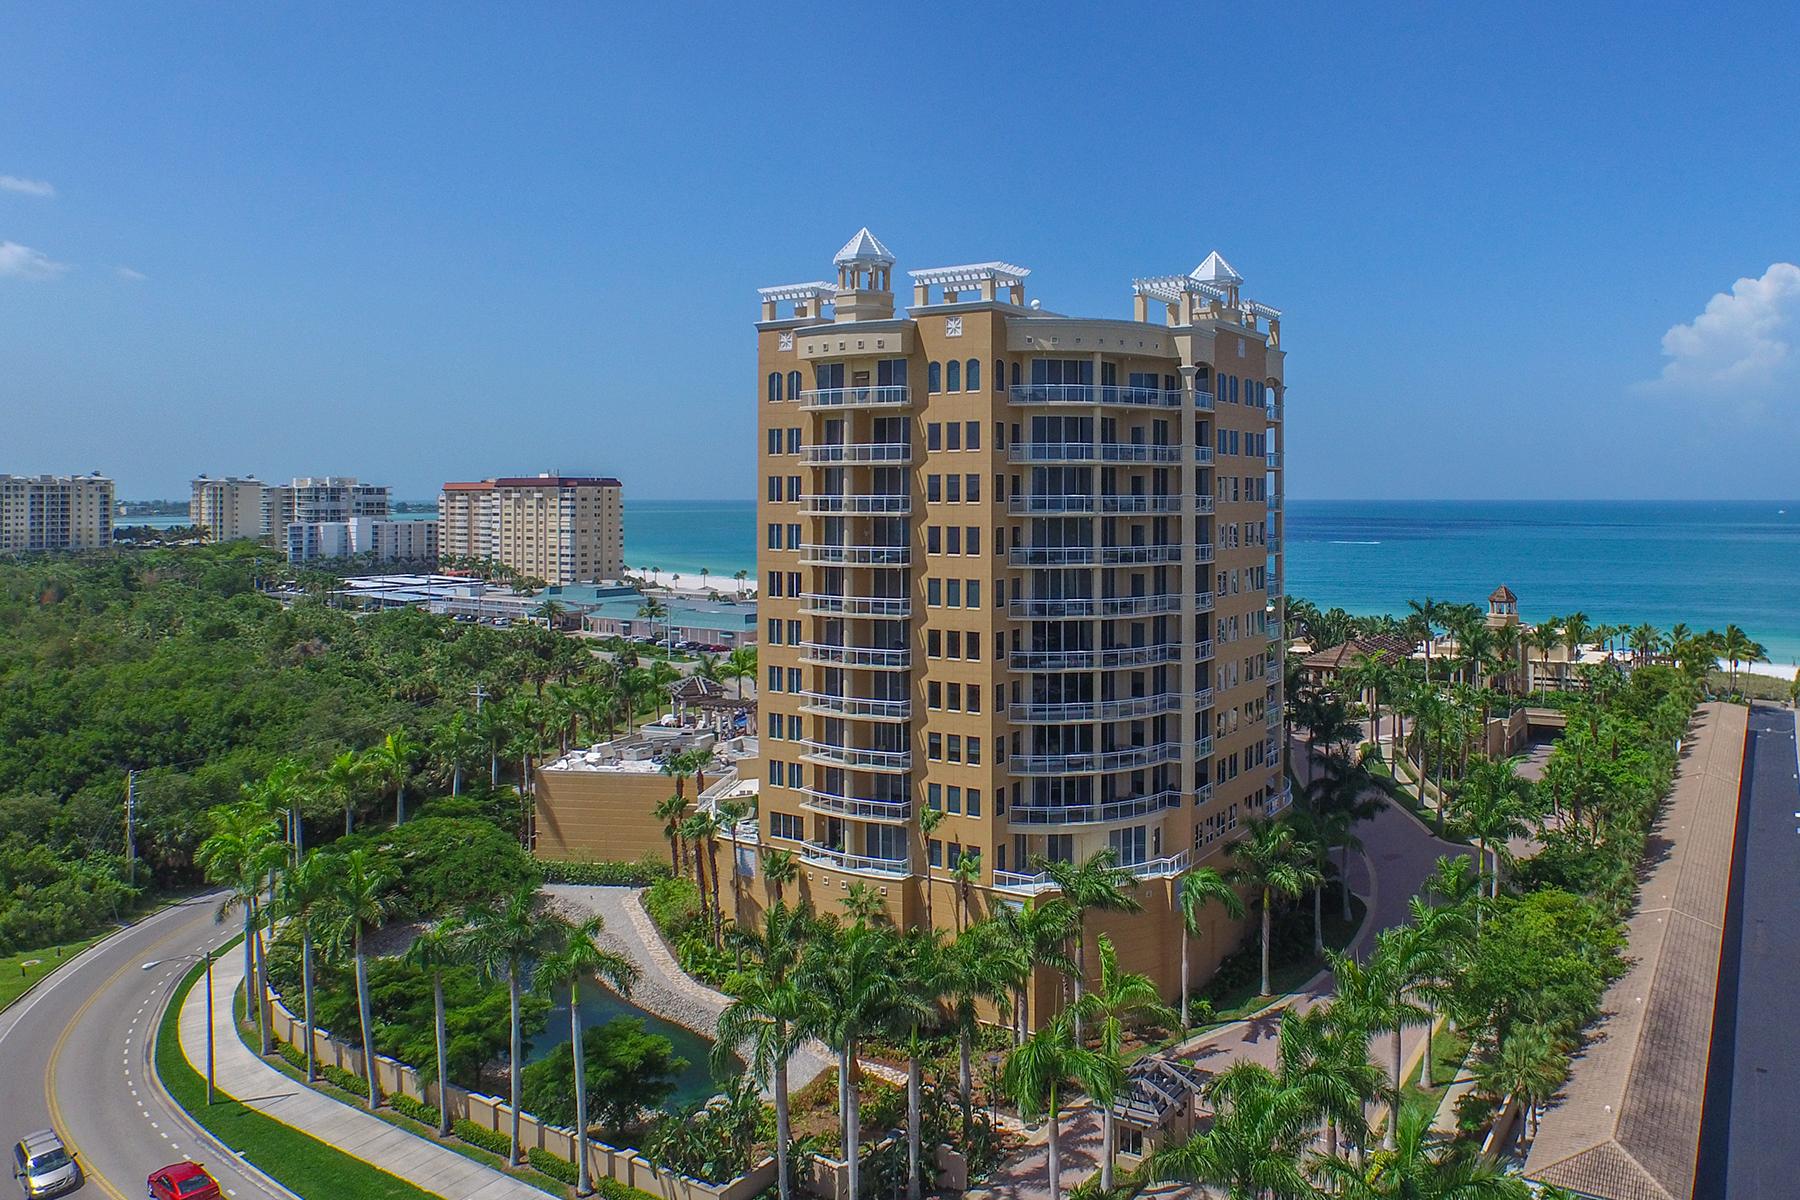 Nhà chung cư vì Bán tại RITZ BEACH RESIDENCES 1300 Benjamin Franklin Dr 1101 Sarasota, Florida 34236 Hoa Kỳ